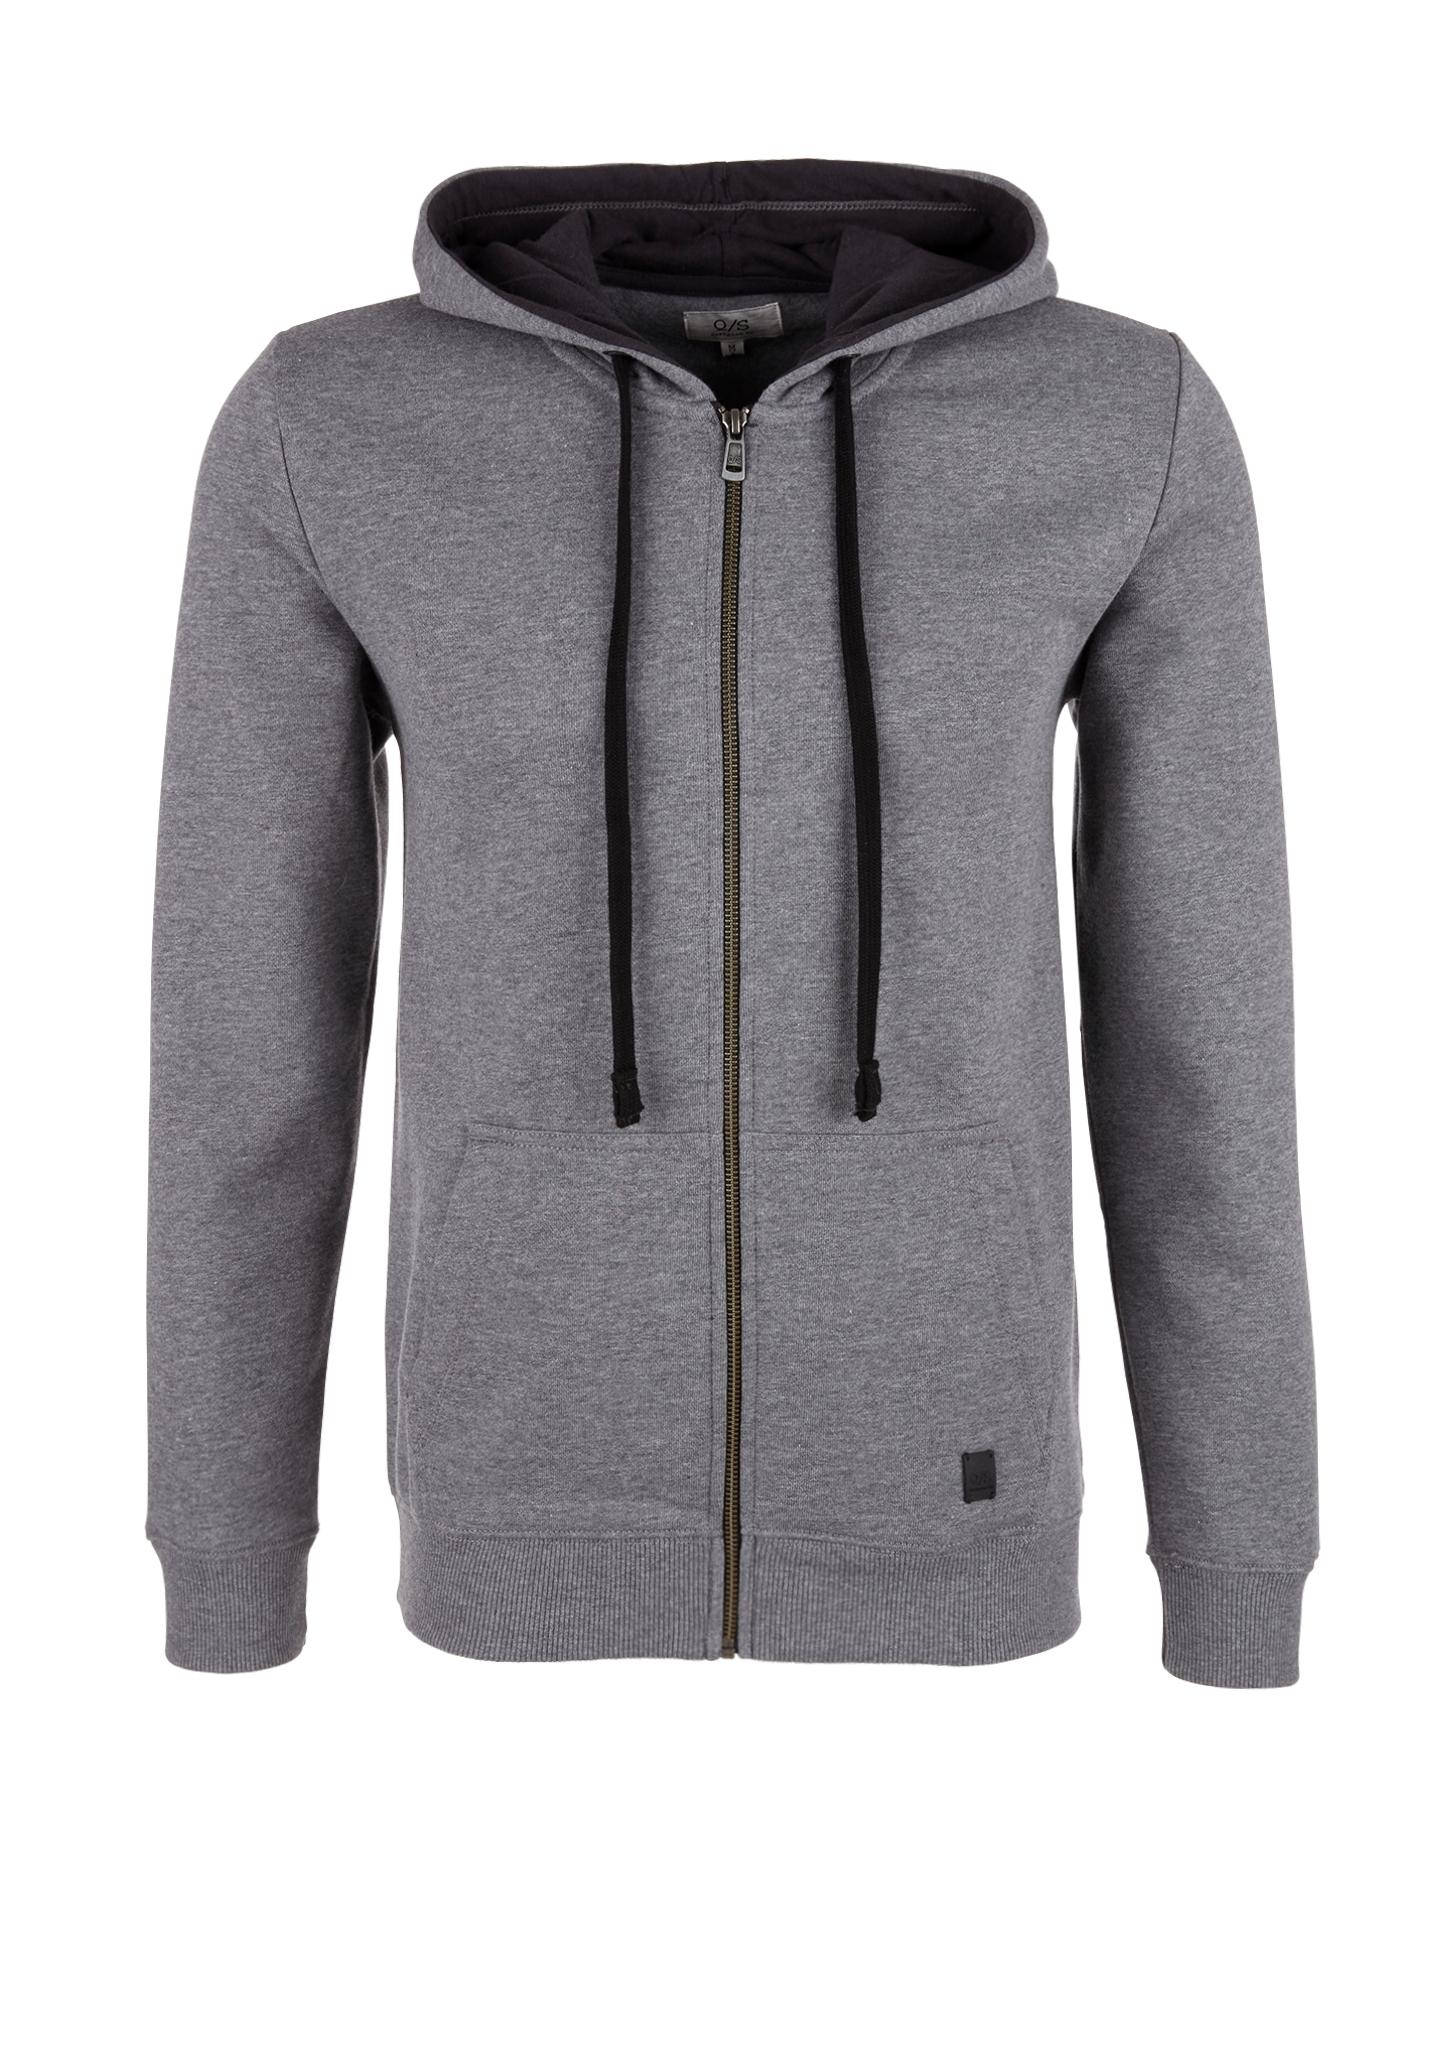 Sweatjacke | Bekleidung > Sweatshirts & -jacken | Grau/schwarz | 60% baumwolle -  40% polyester | Q/S designed by